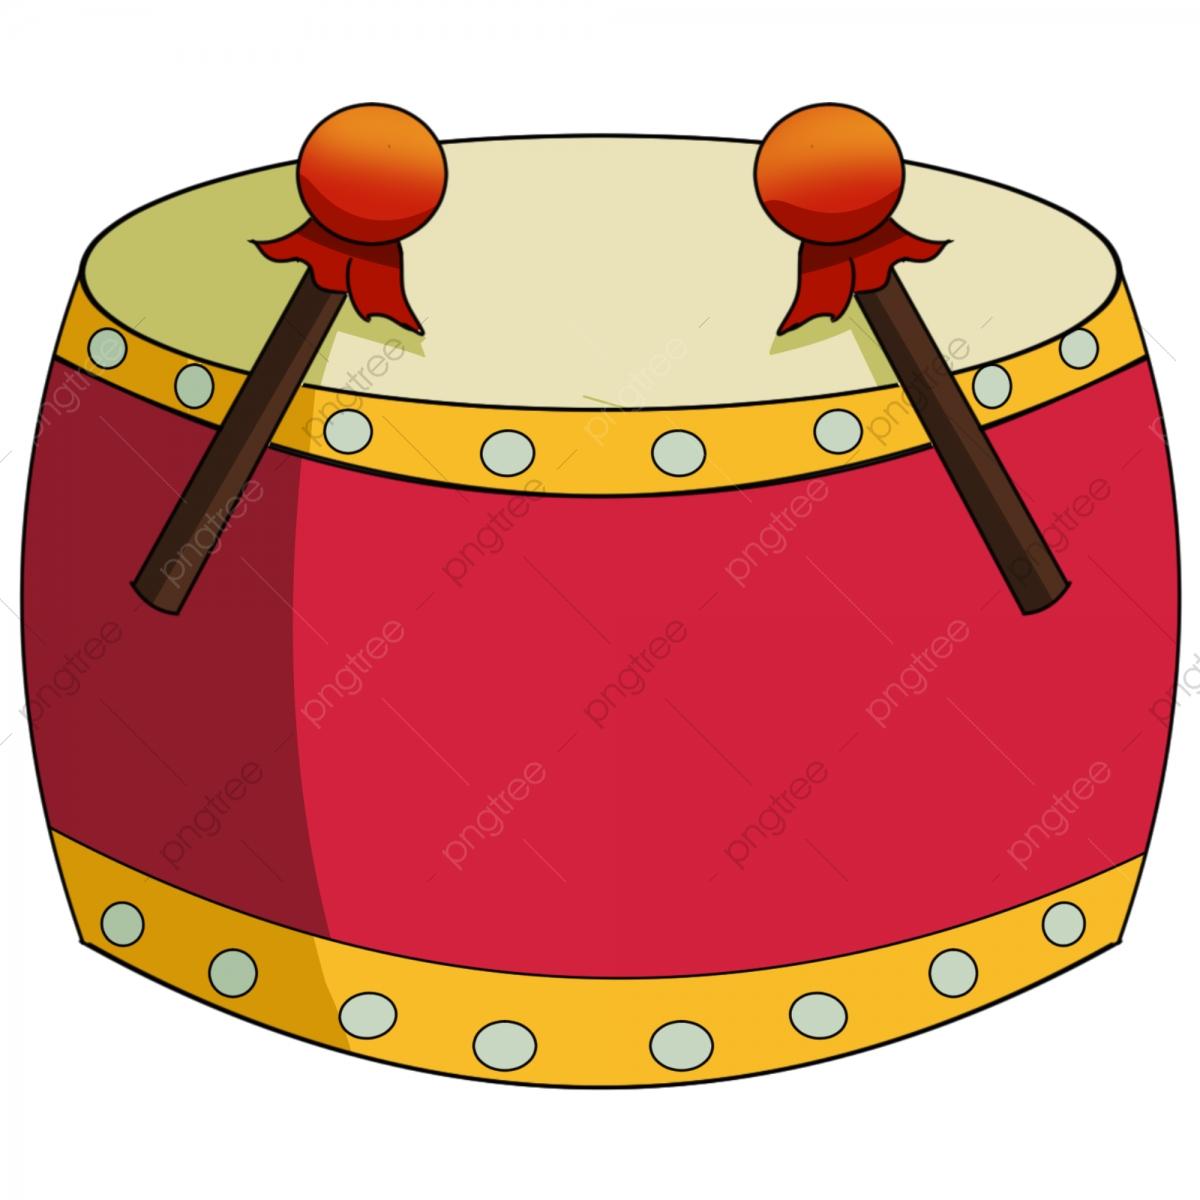 Drum clipart big drum. Hand painted cowhide drumming